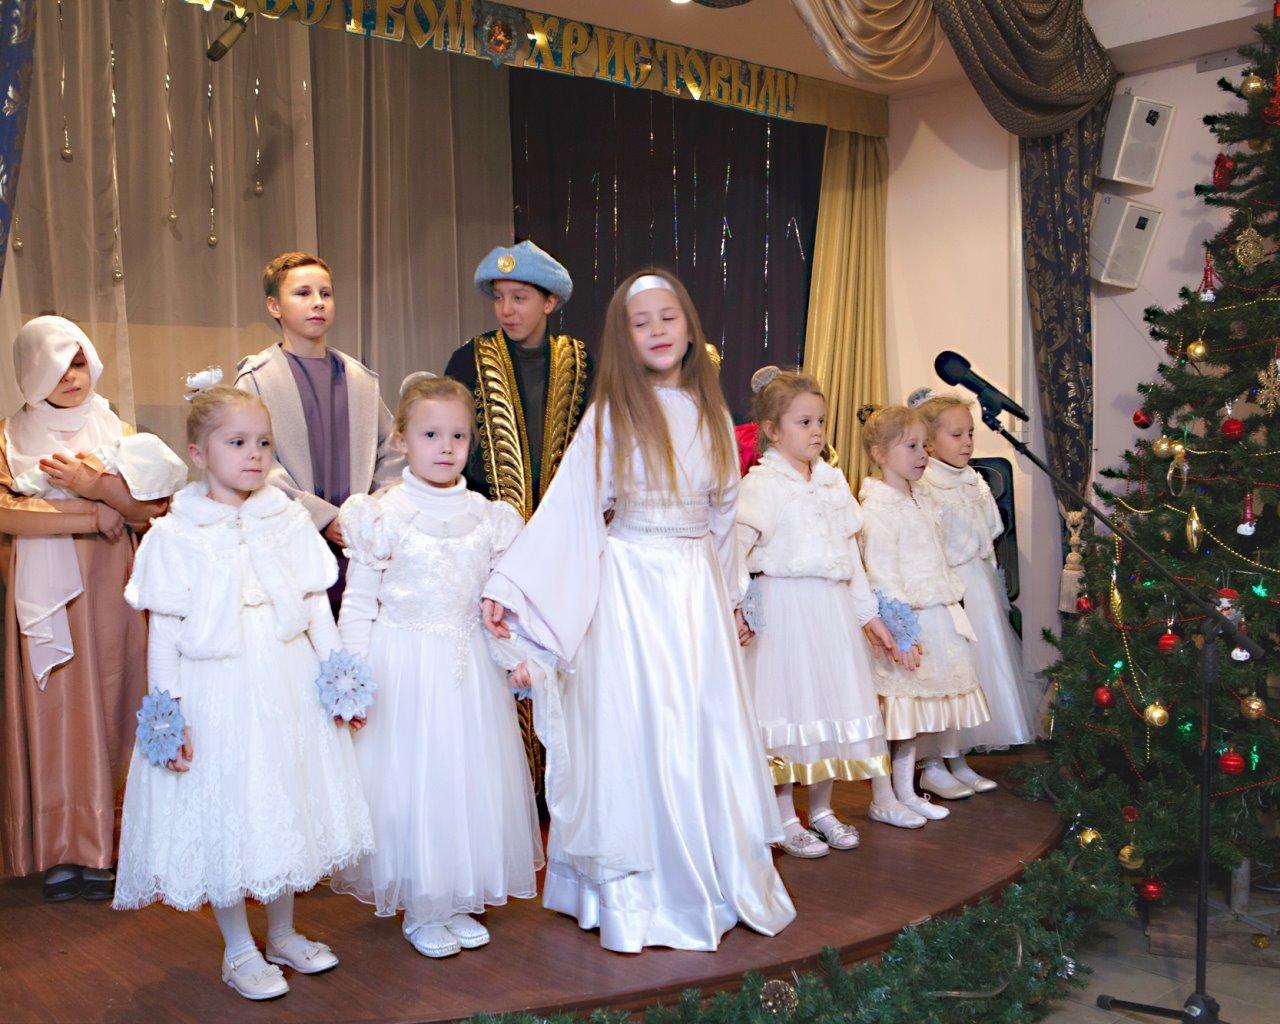 Сочельник и Рождественский праздник в Преображенском храме г. Балашихи